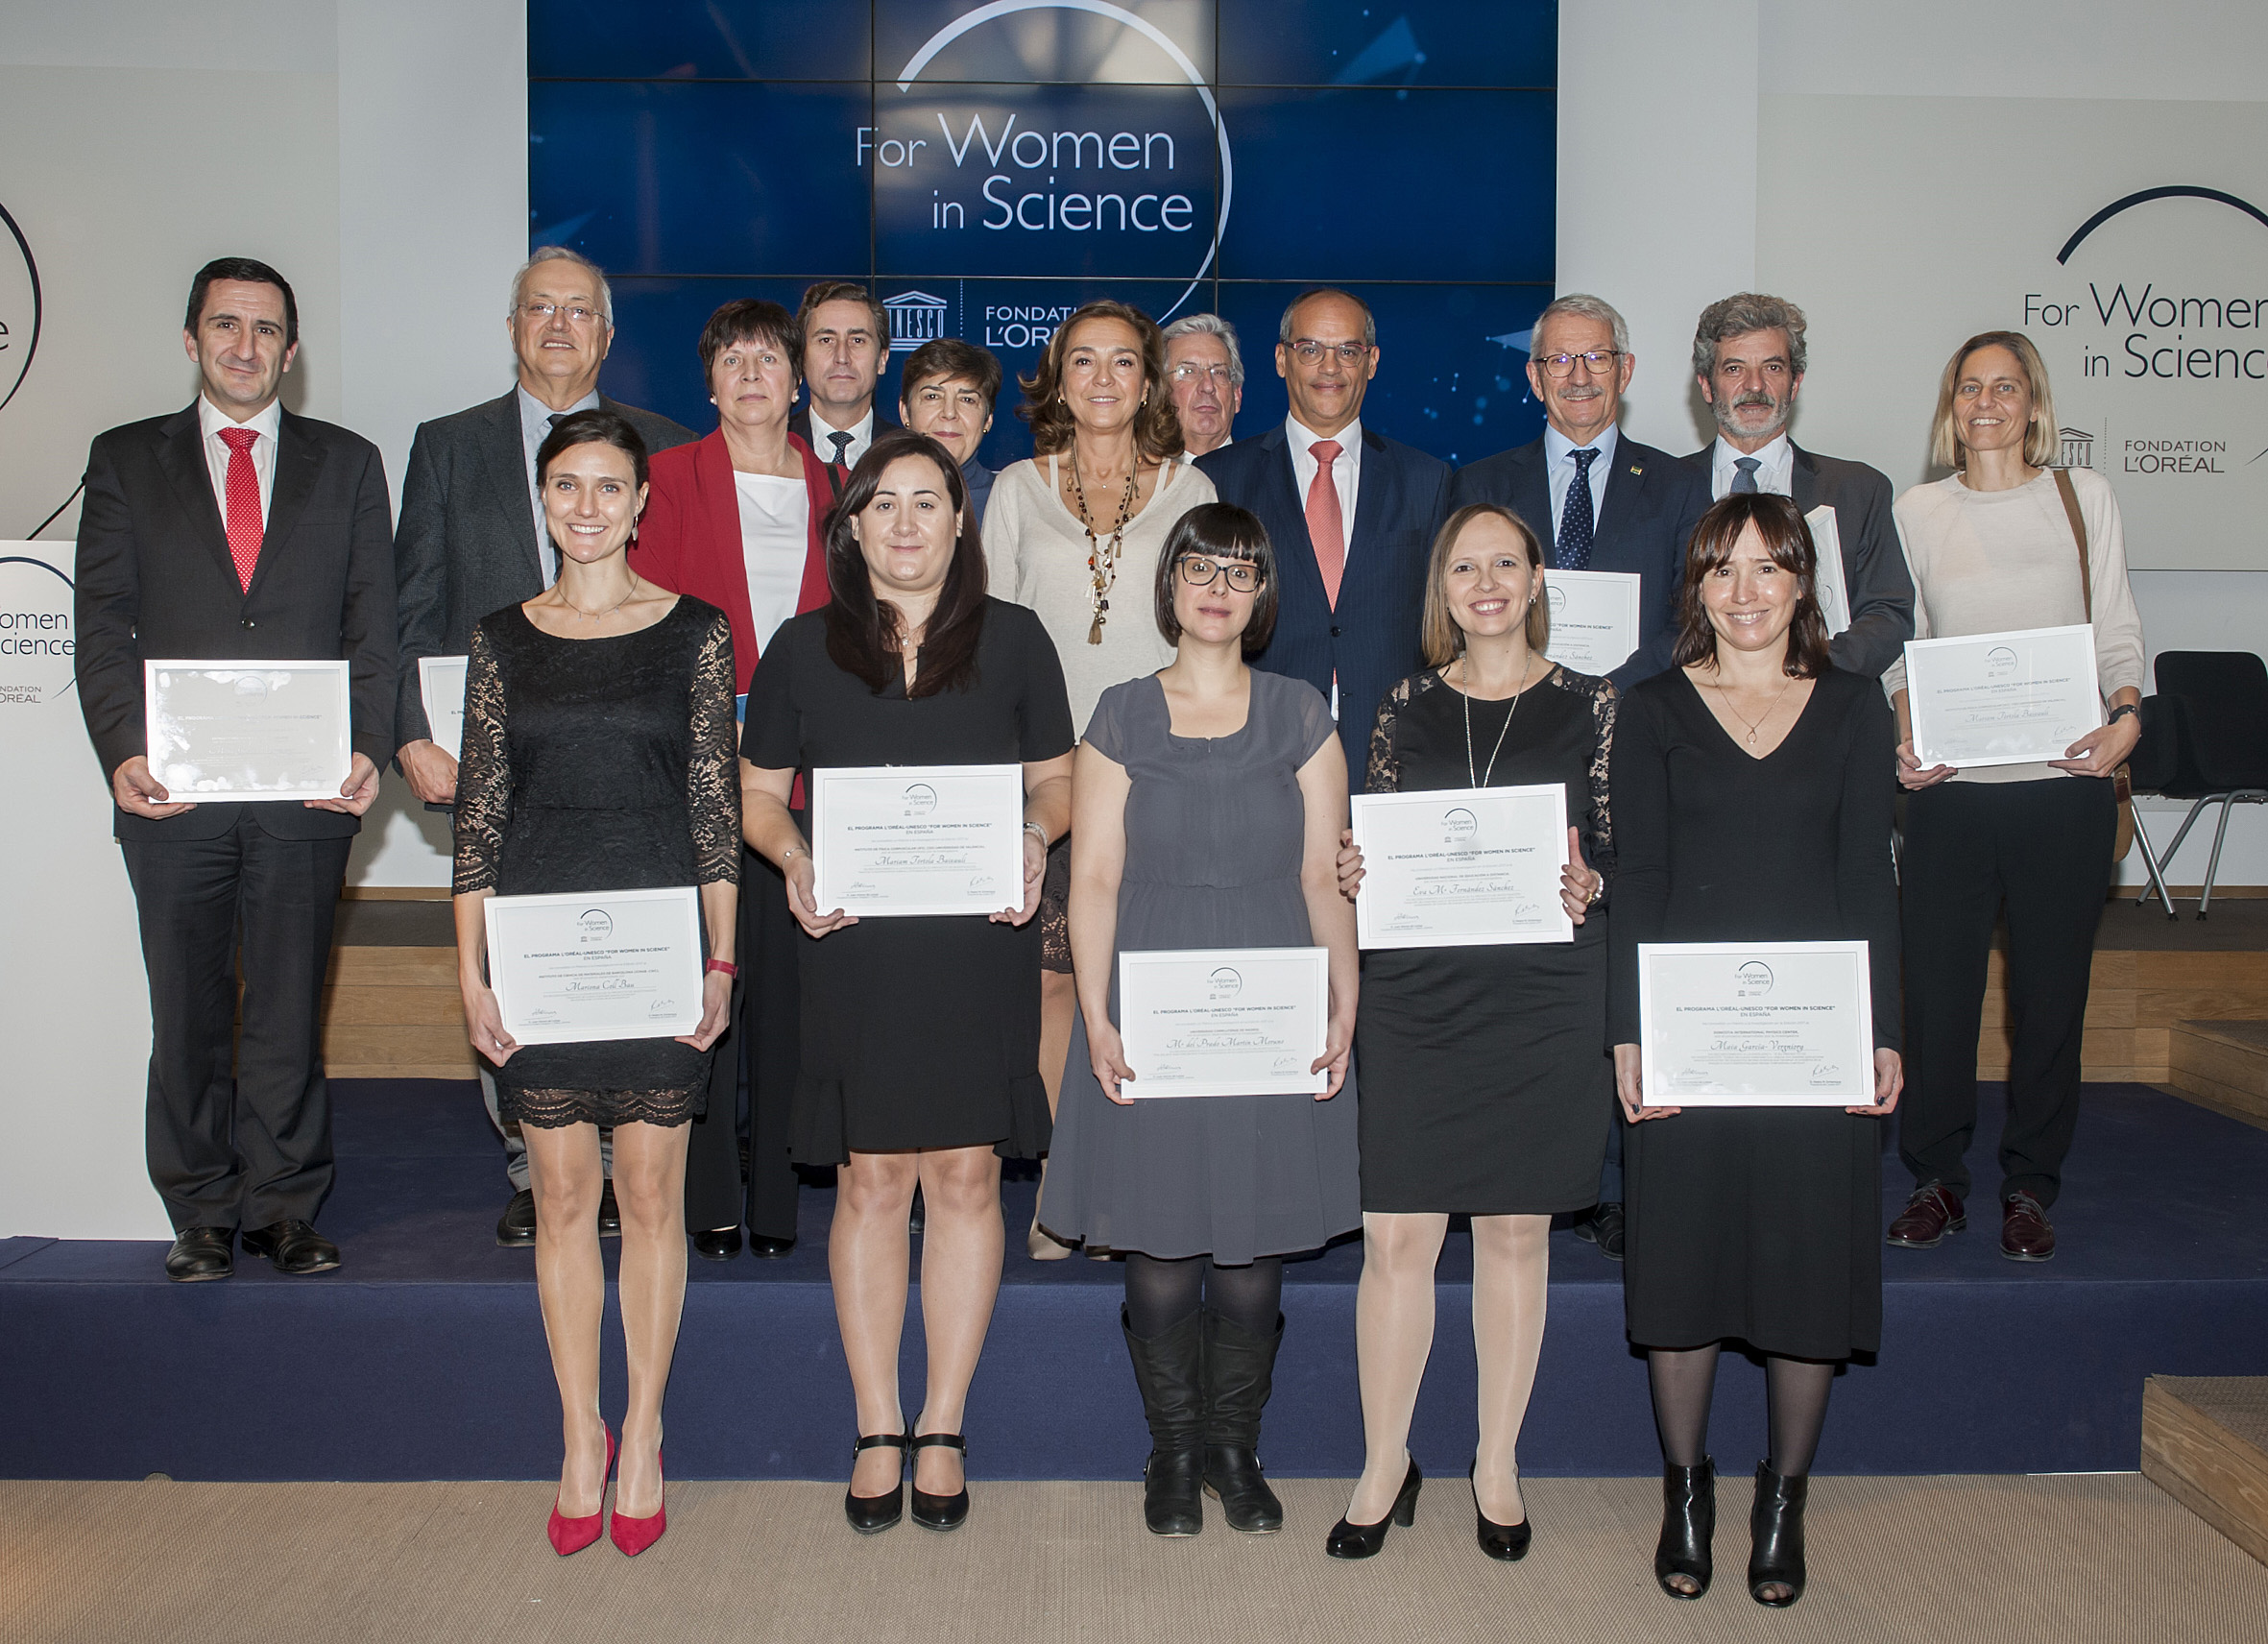 Mariona Coll, primera per l'esquerra, amb les altres premiades a la gala L'0réal a Madrid